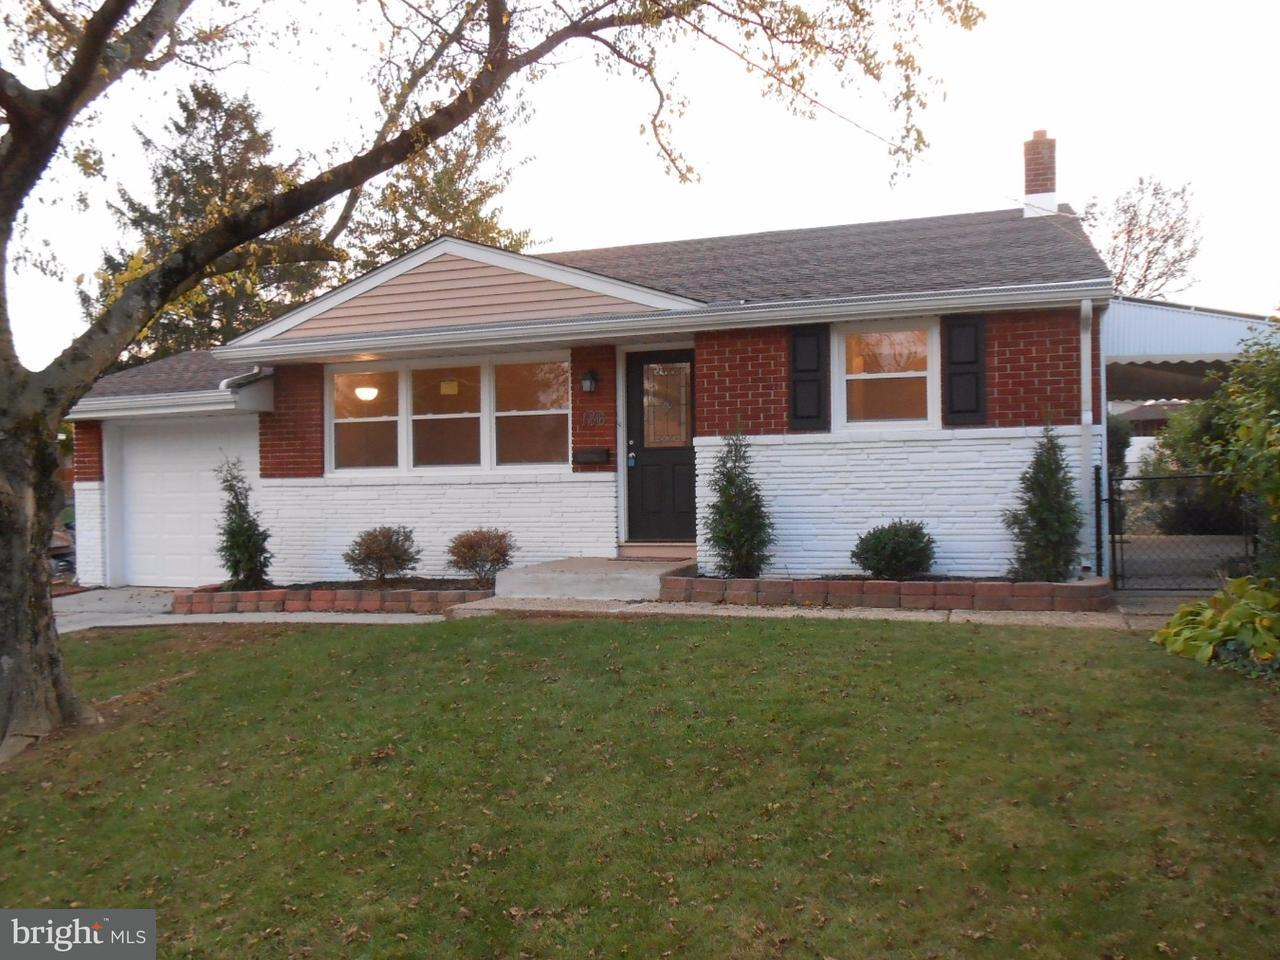 Частный односемейный дом для того Продажа на 146 CARDINAL Drive Bellmawr, Нью-Джерси 08031 Соединенные Штаты